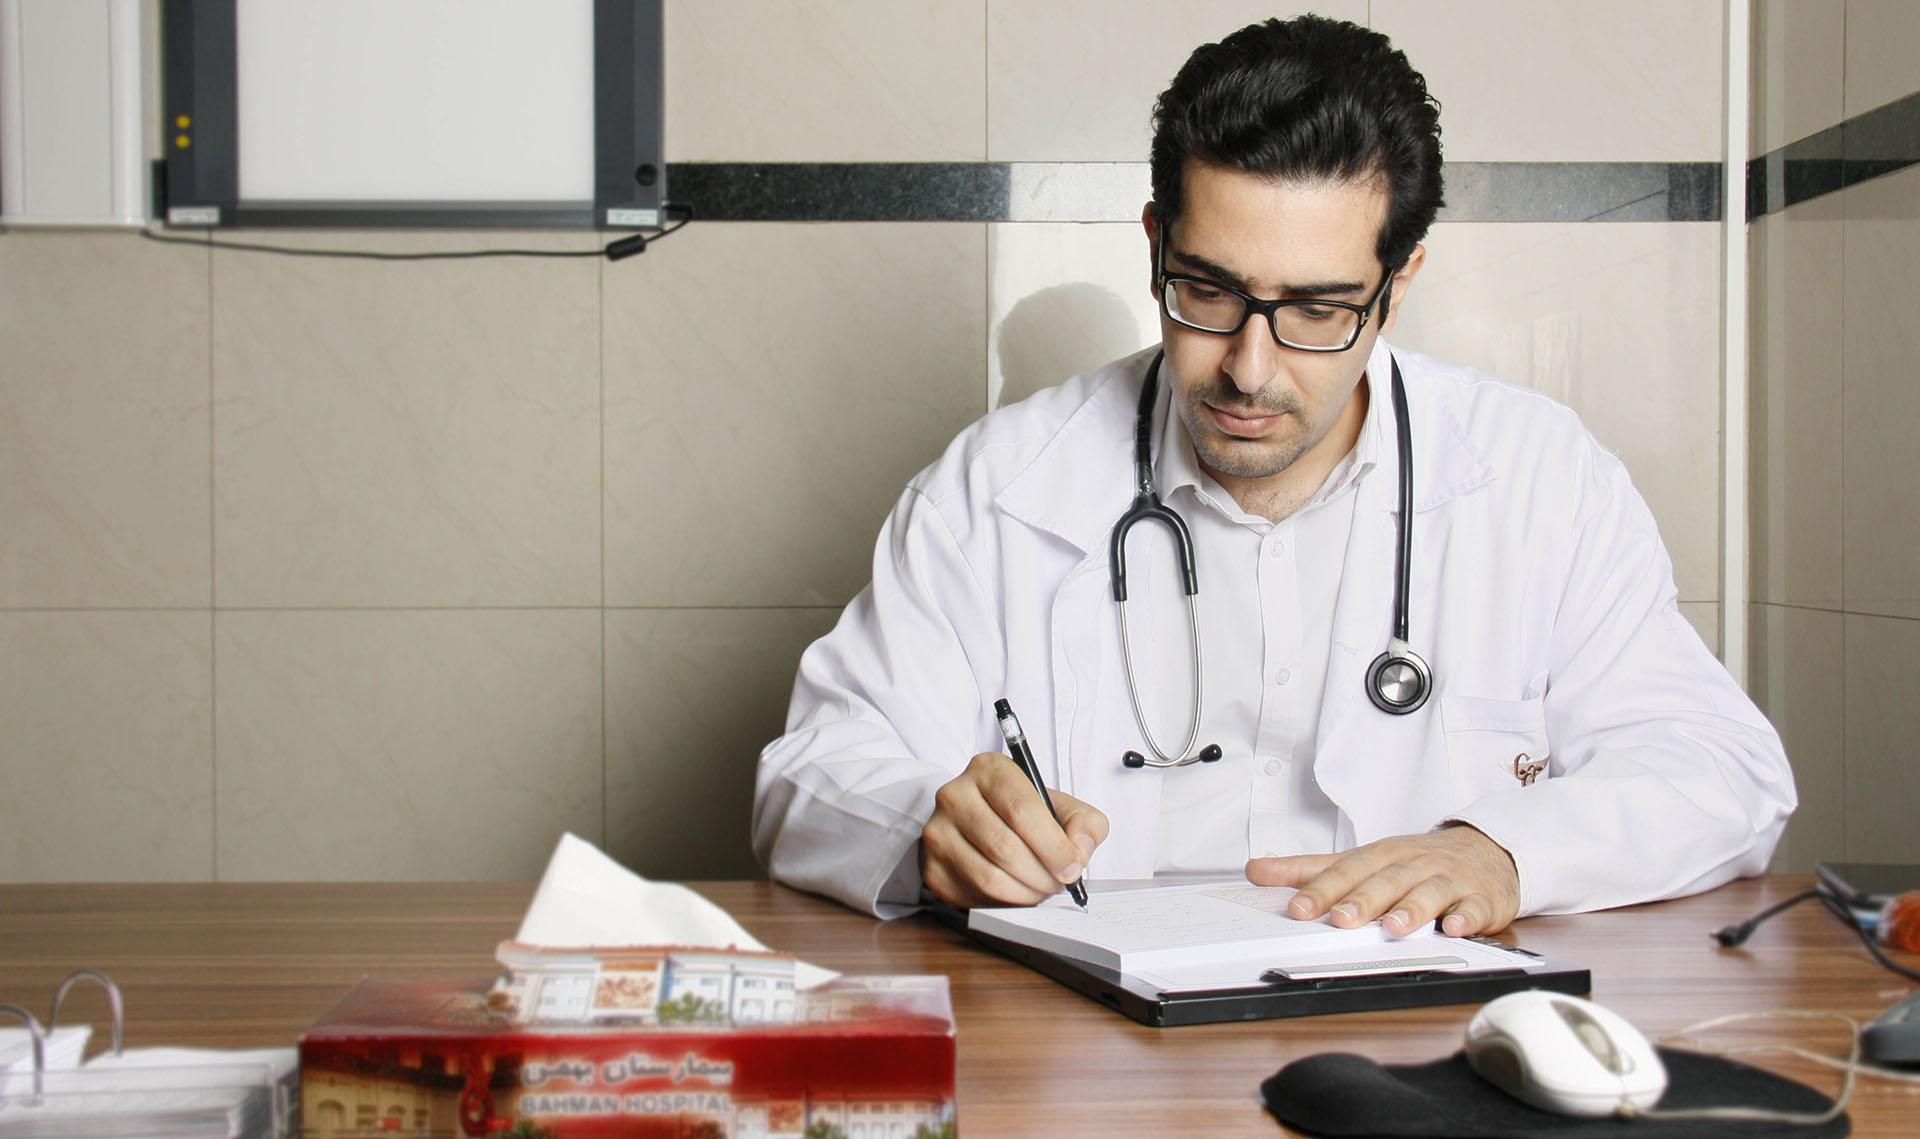 دکتر کیوان احمدی - متخصص ارتوپدی